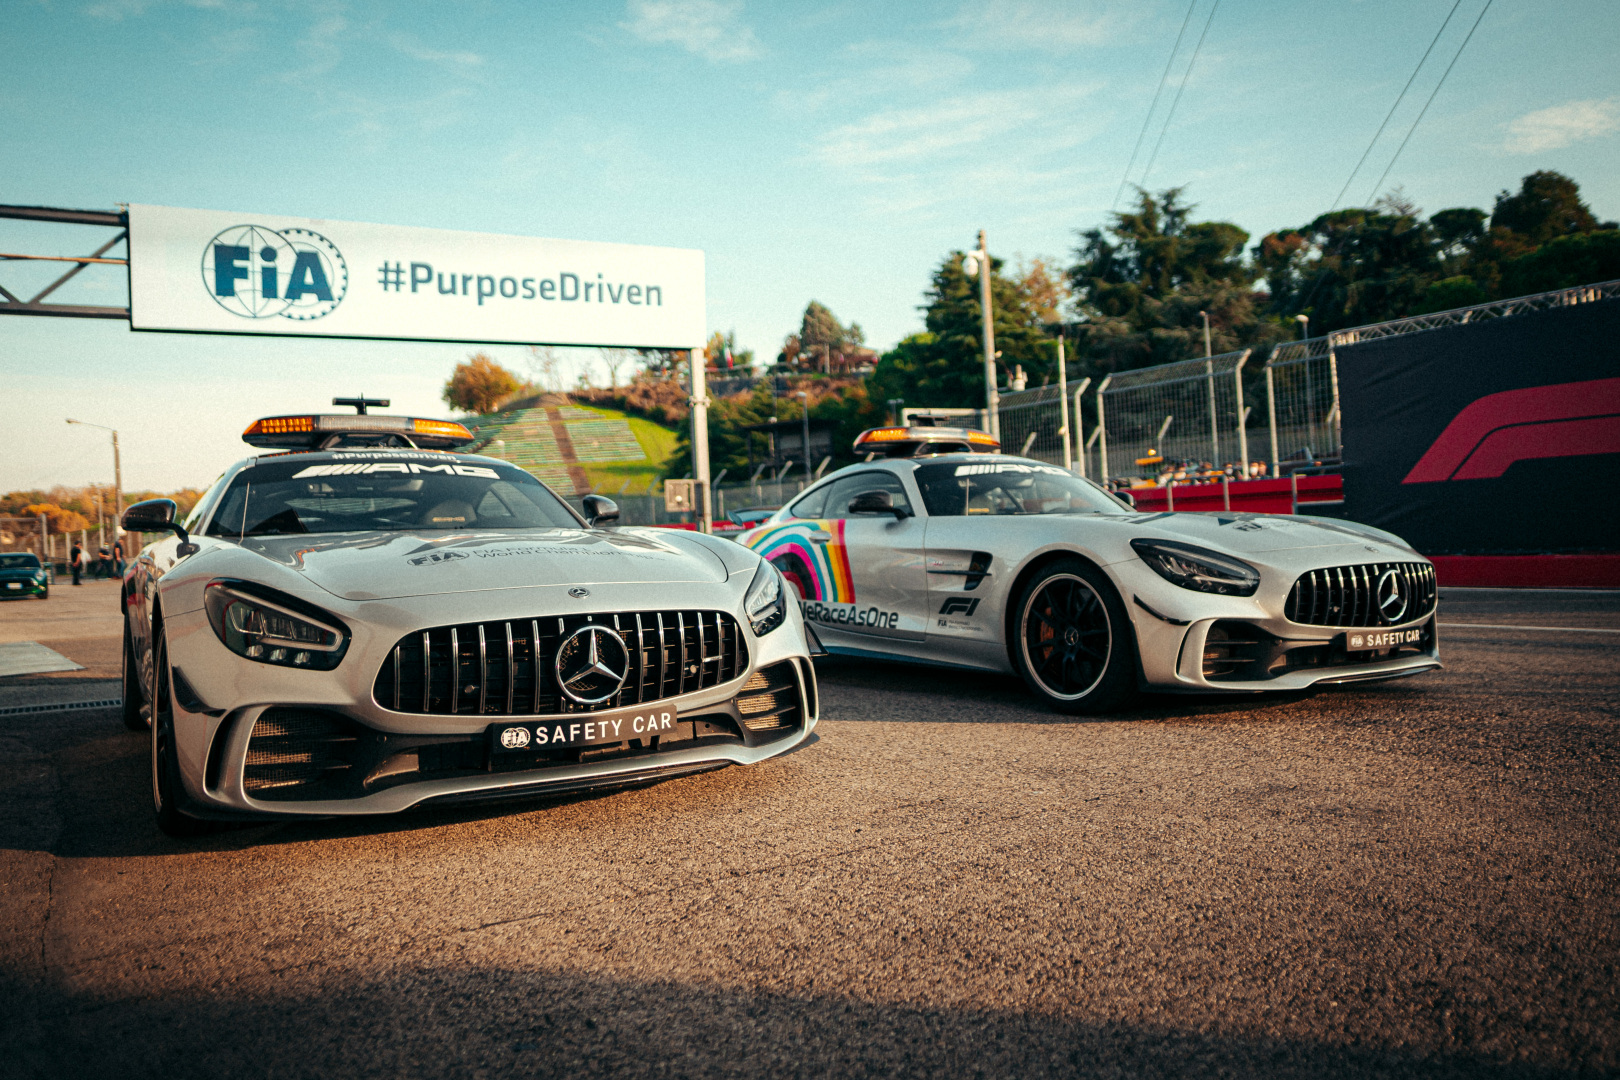 """Nuo 2021 m. bus naudojami """"Aston Martin"""" ir """"Mercedes"""" saugos automobiliai"""